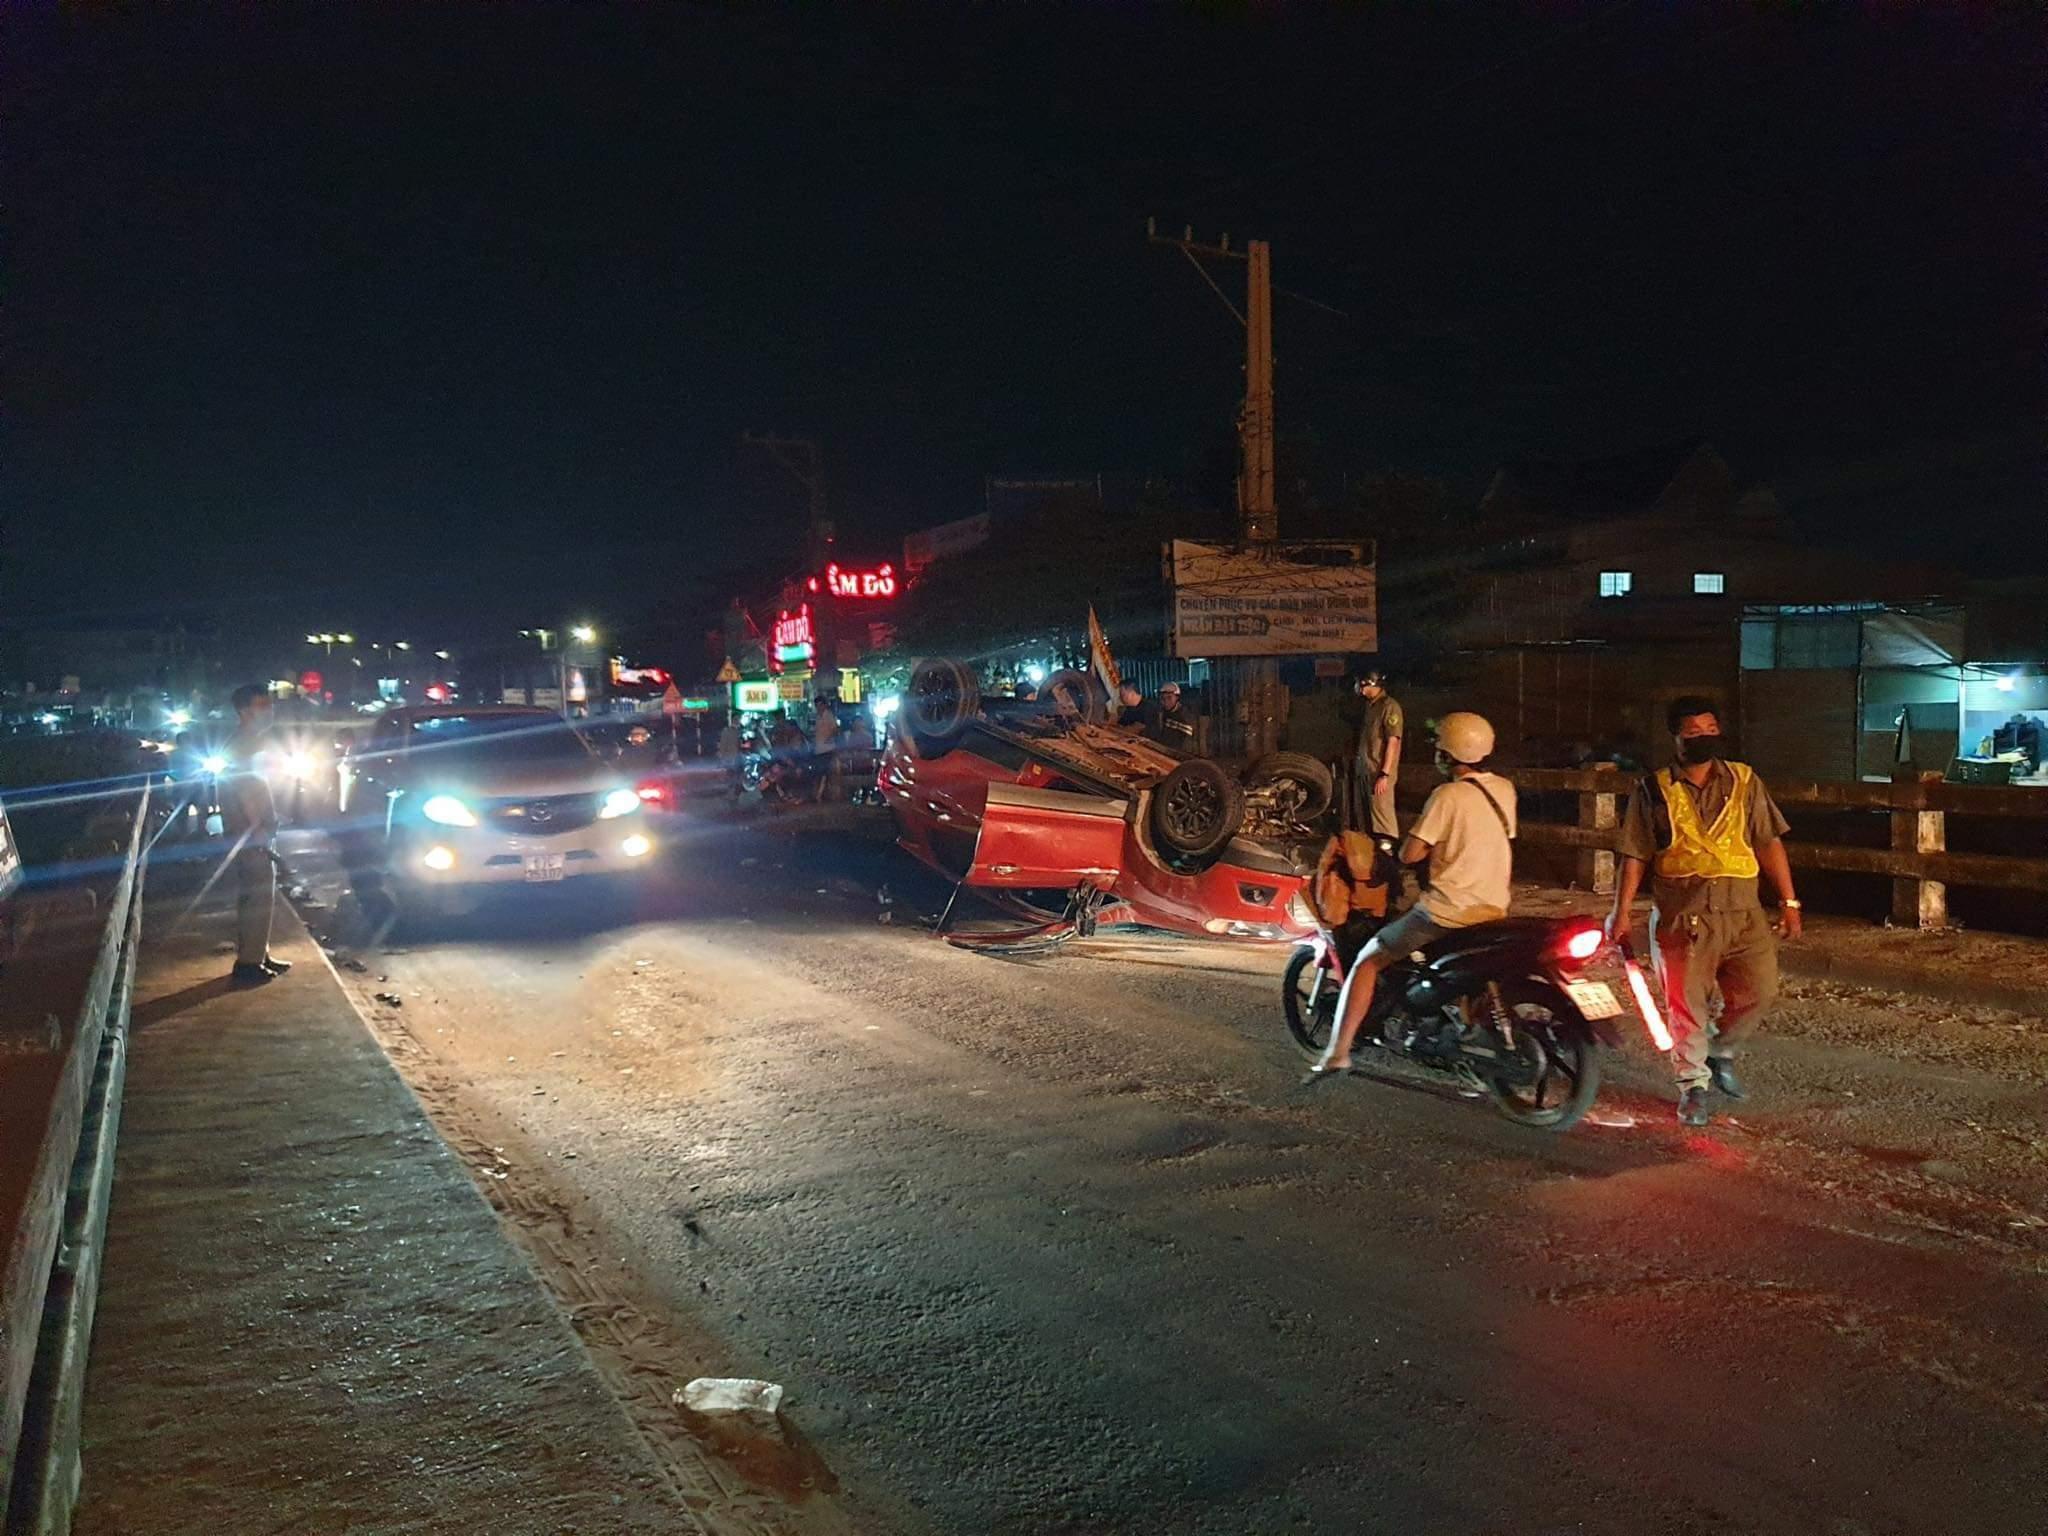 Ô tô lật ngửa giữa đường, tài xế người nước ngoài may mắn thoát chết Ảnh 2